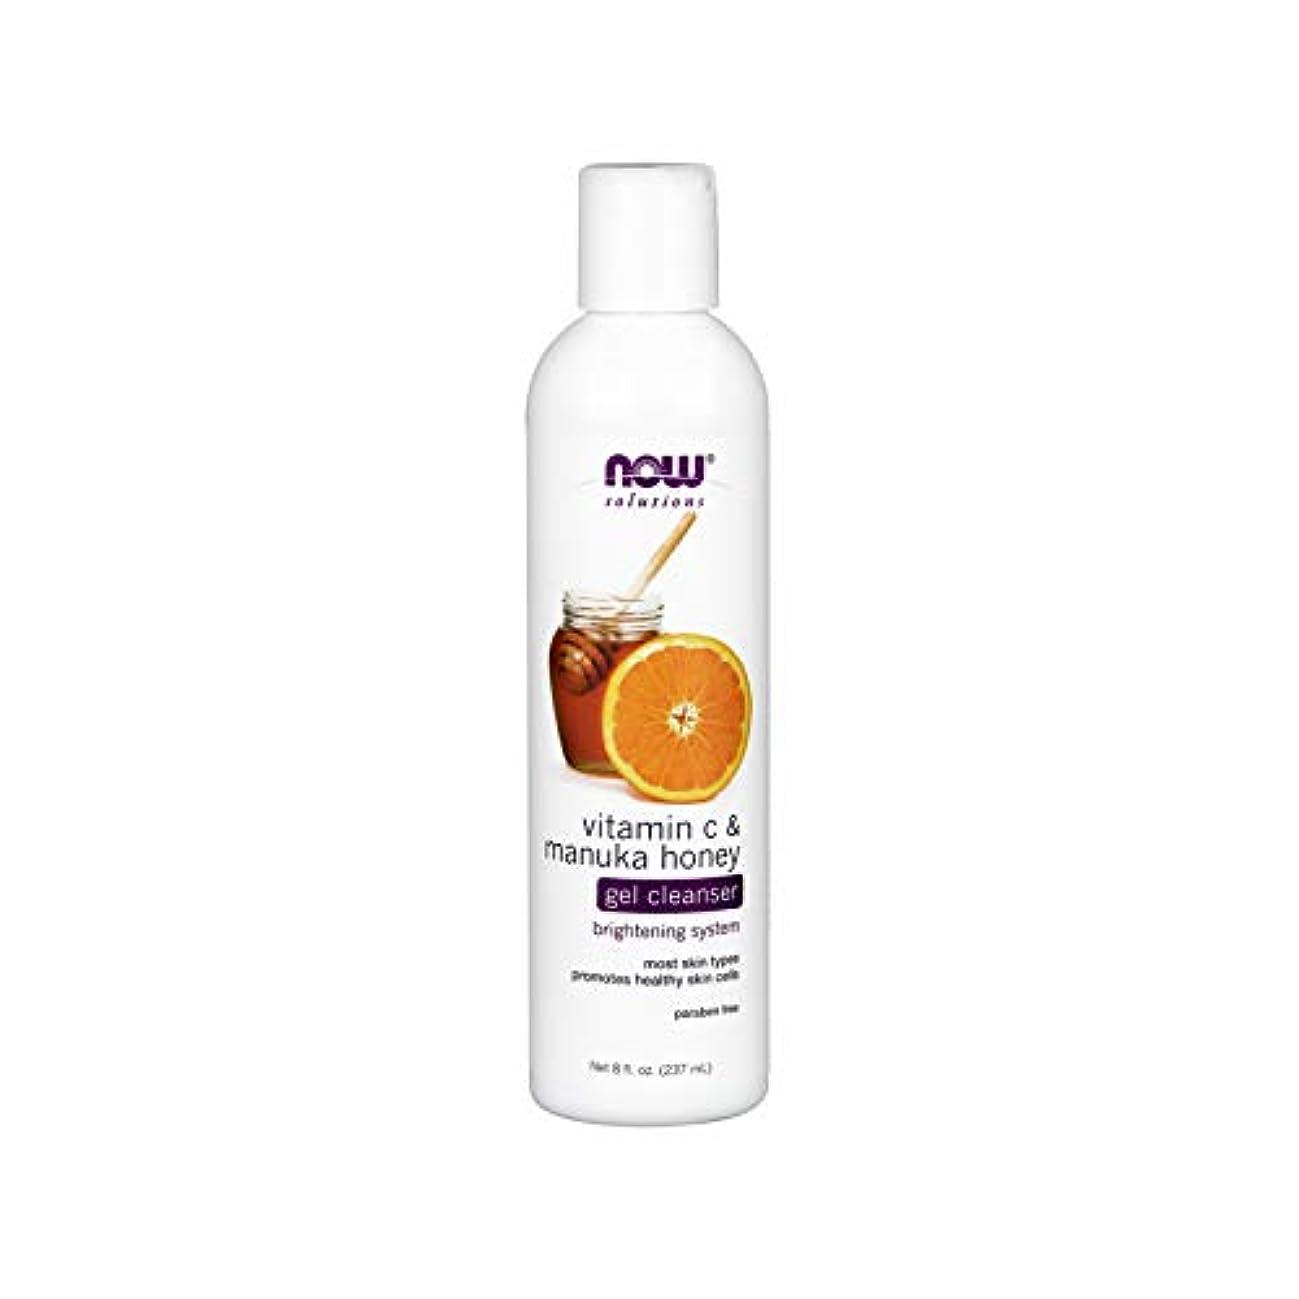 スキム有料地域のNOW Vitamin C & Manuka Honey Gel Cleanser - 8 fl. oz. ビタミンC&マヌカハニー配合のジェルタイプ洗顔 ~海外直送品~